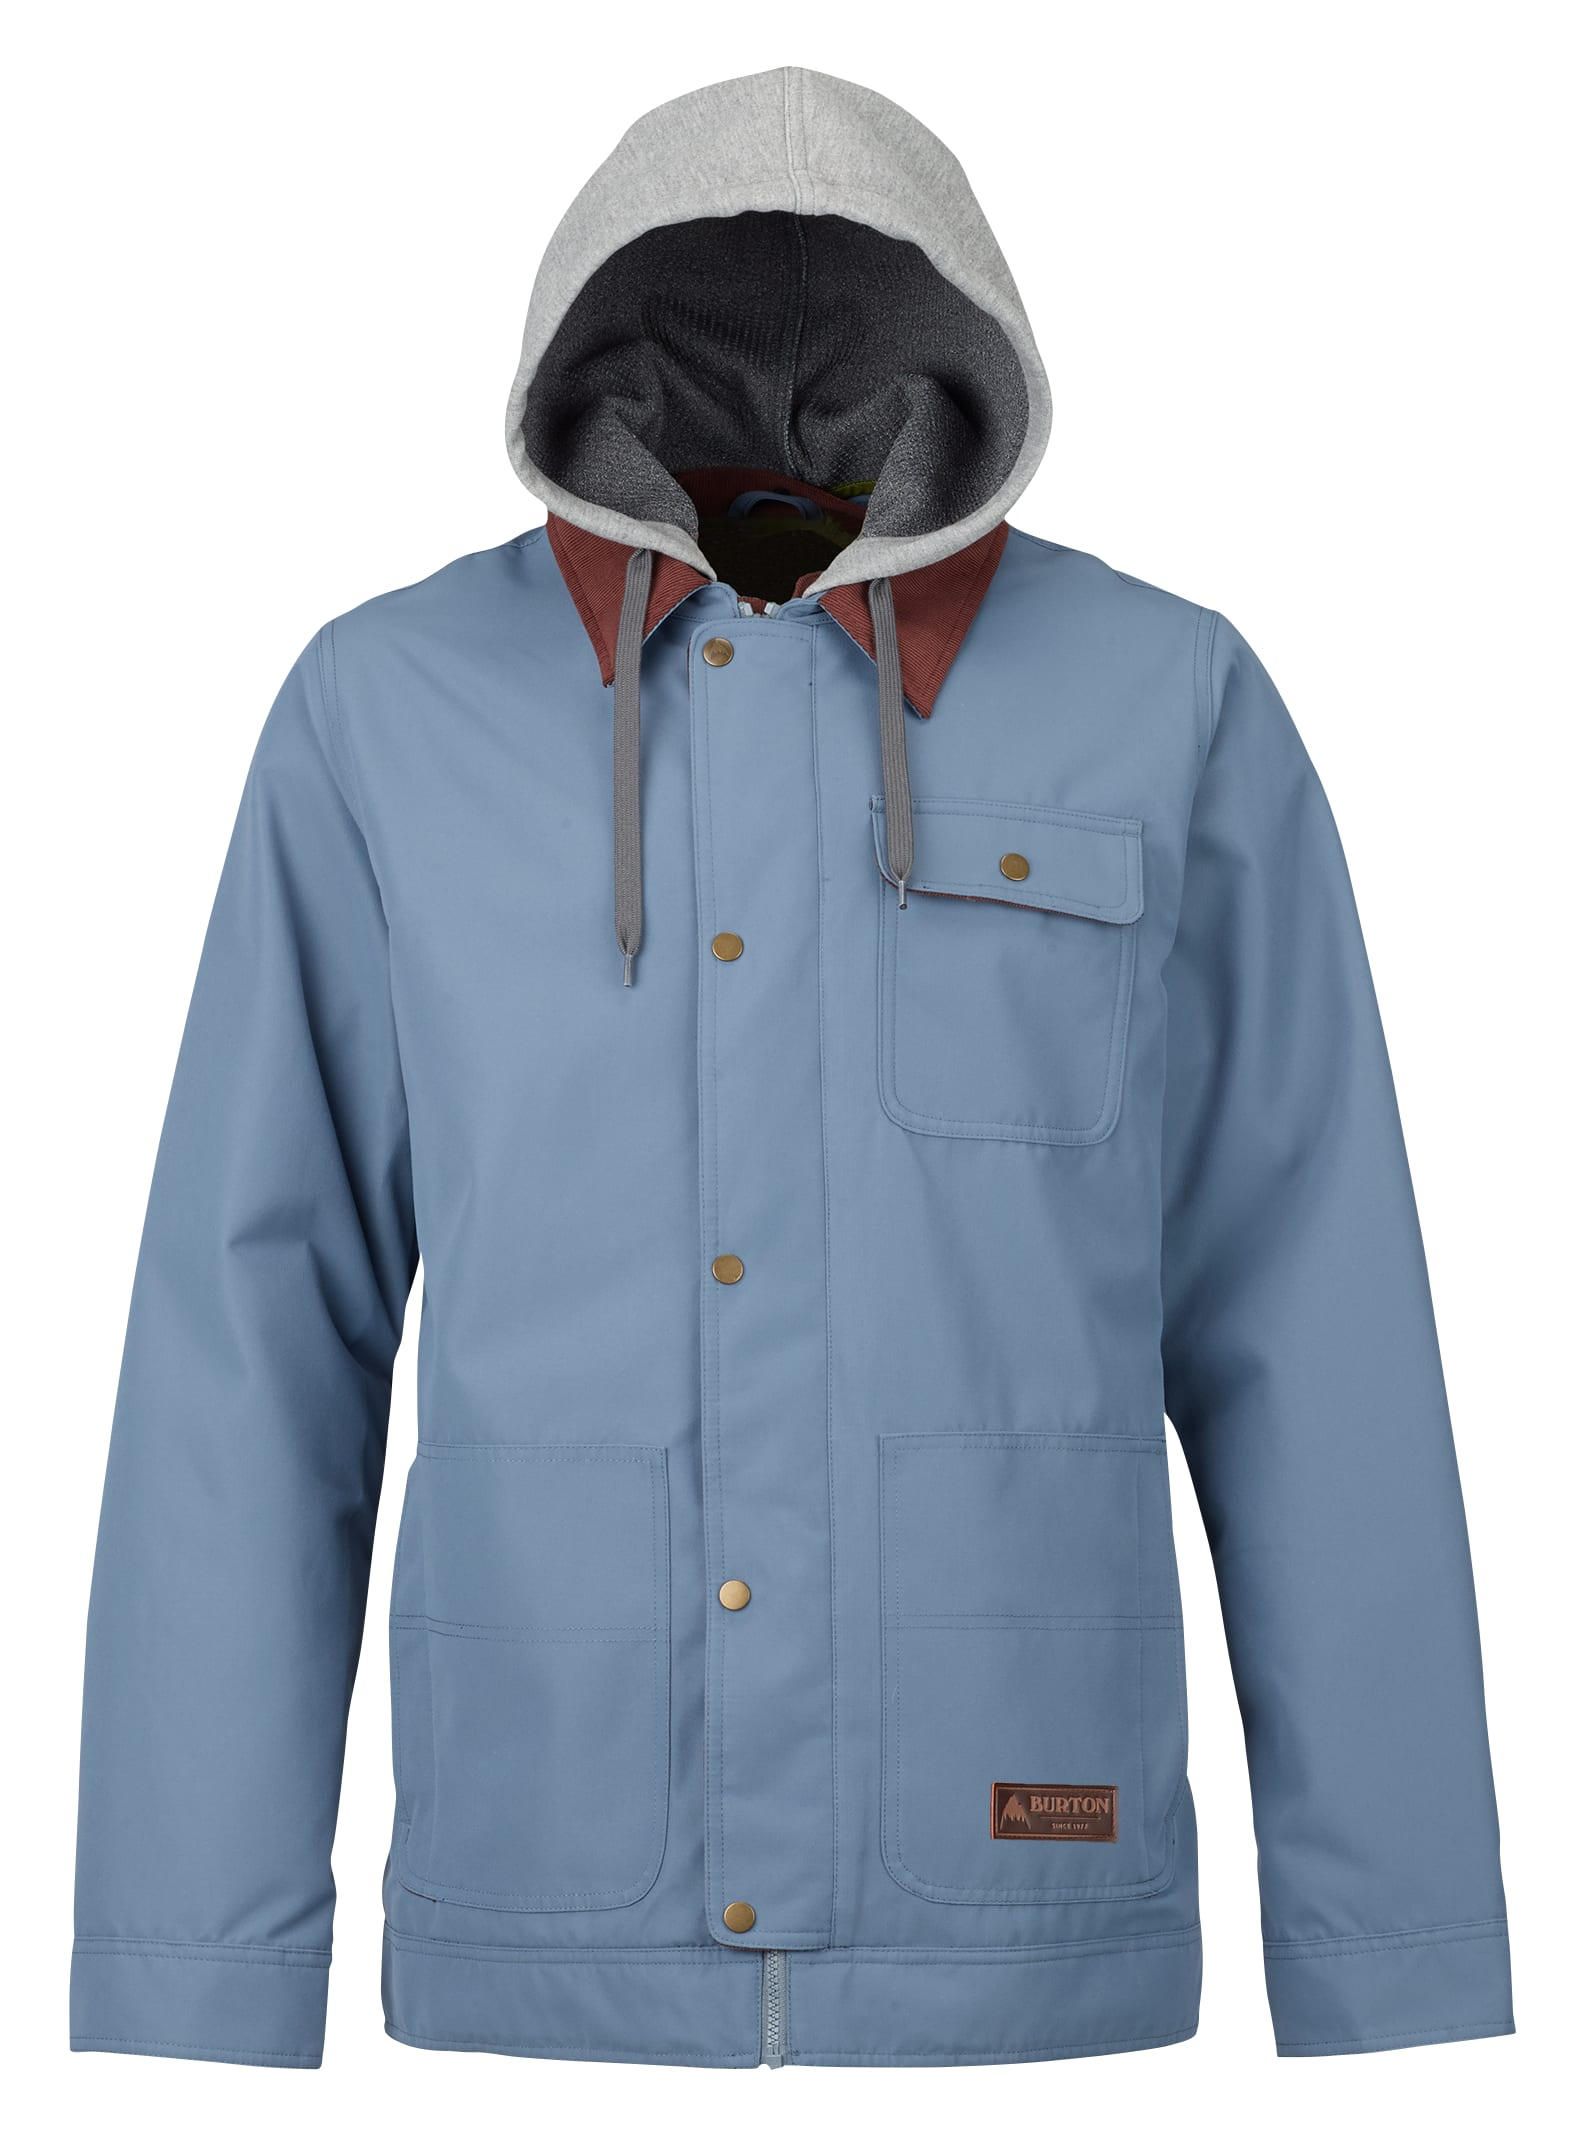 1d0688c205 Men's Burton Dunmore Jacket